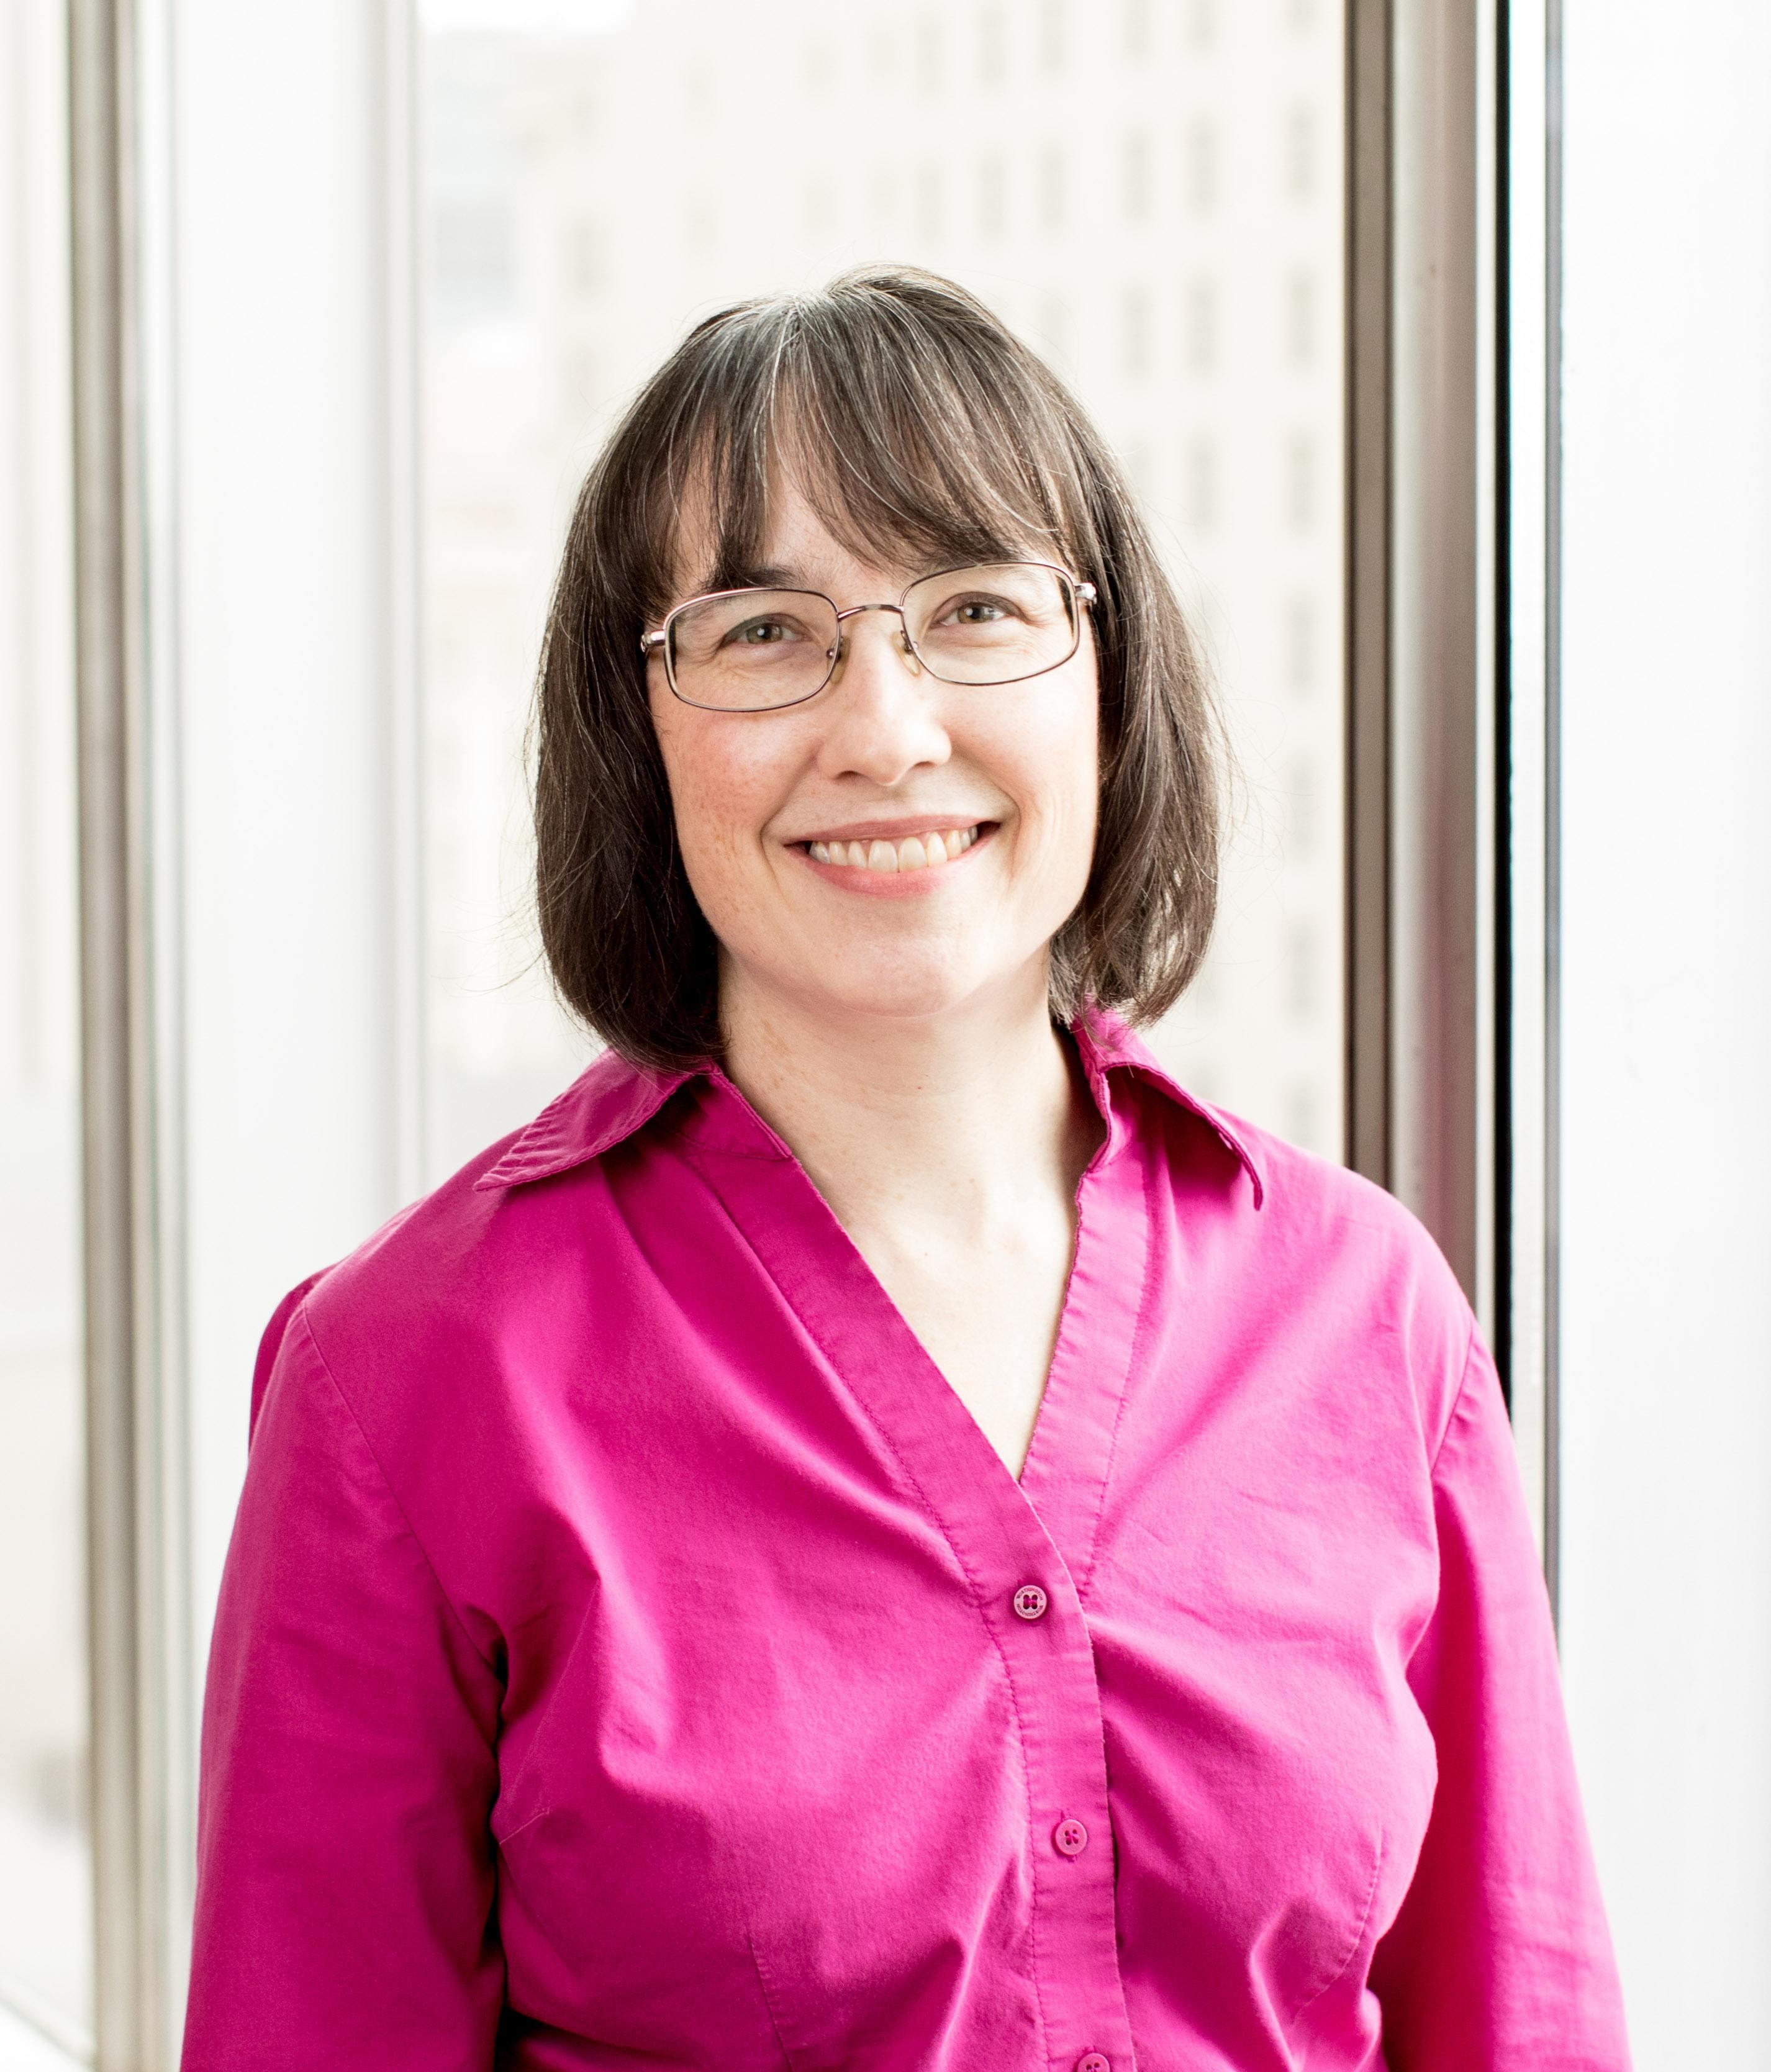 Rebecca Hix Collins